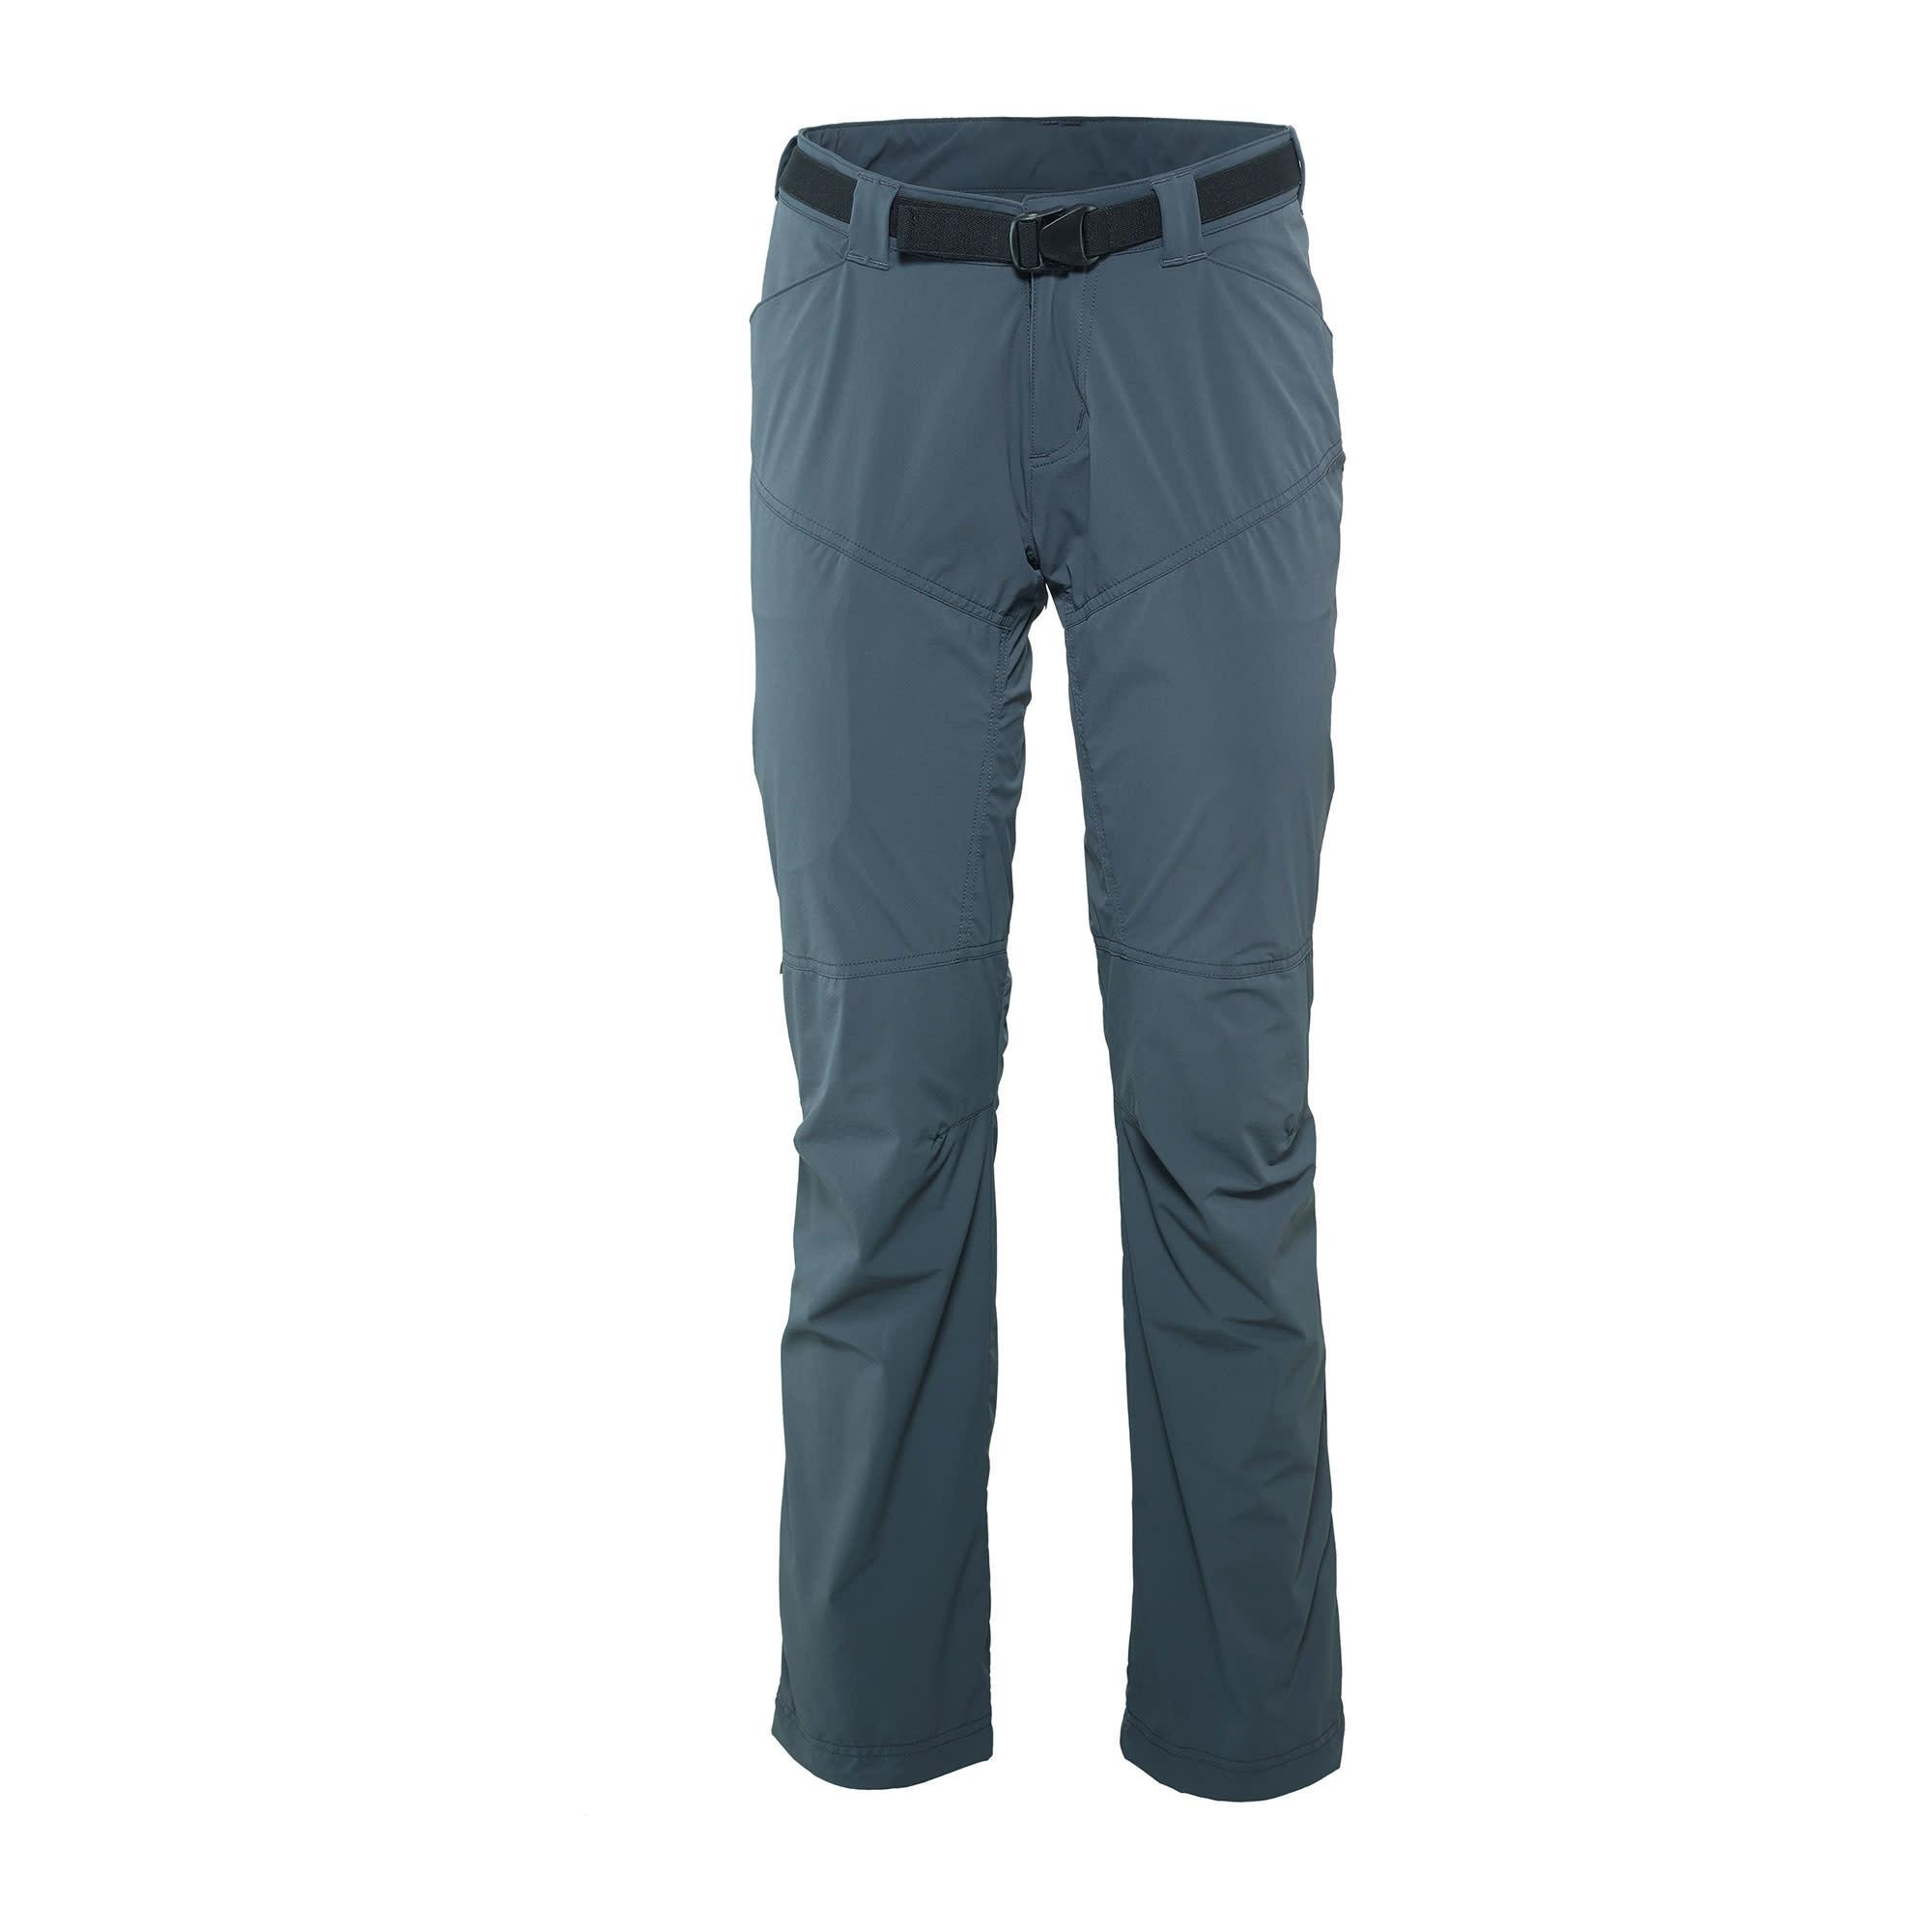 Women's Stalo Stretch Pants